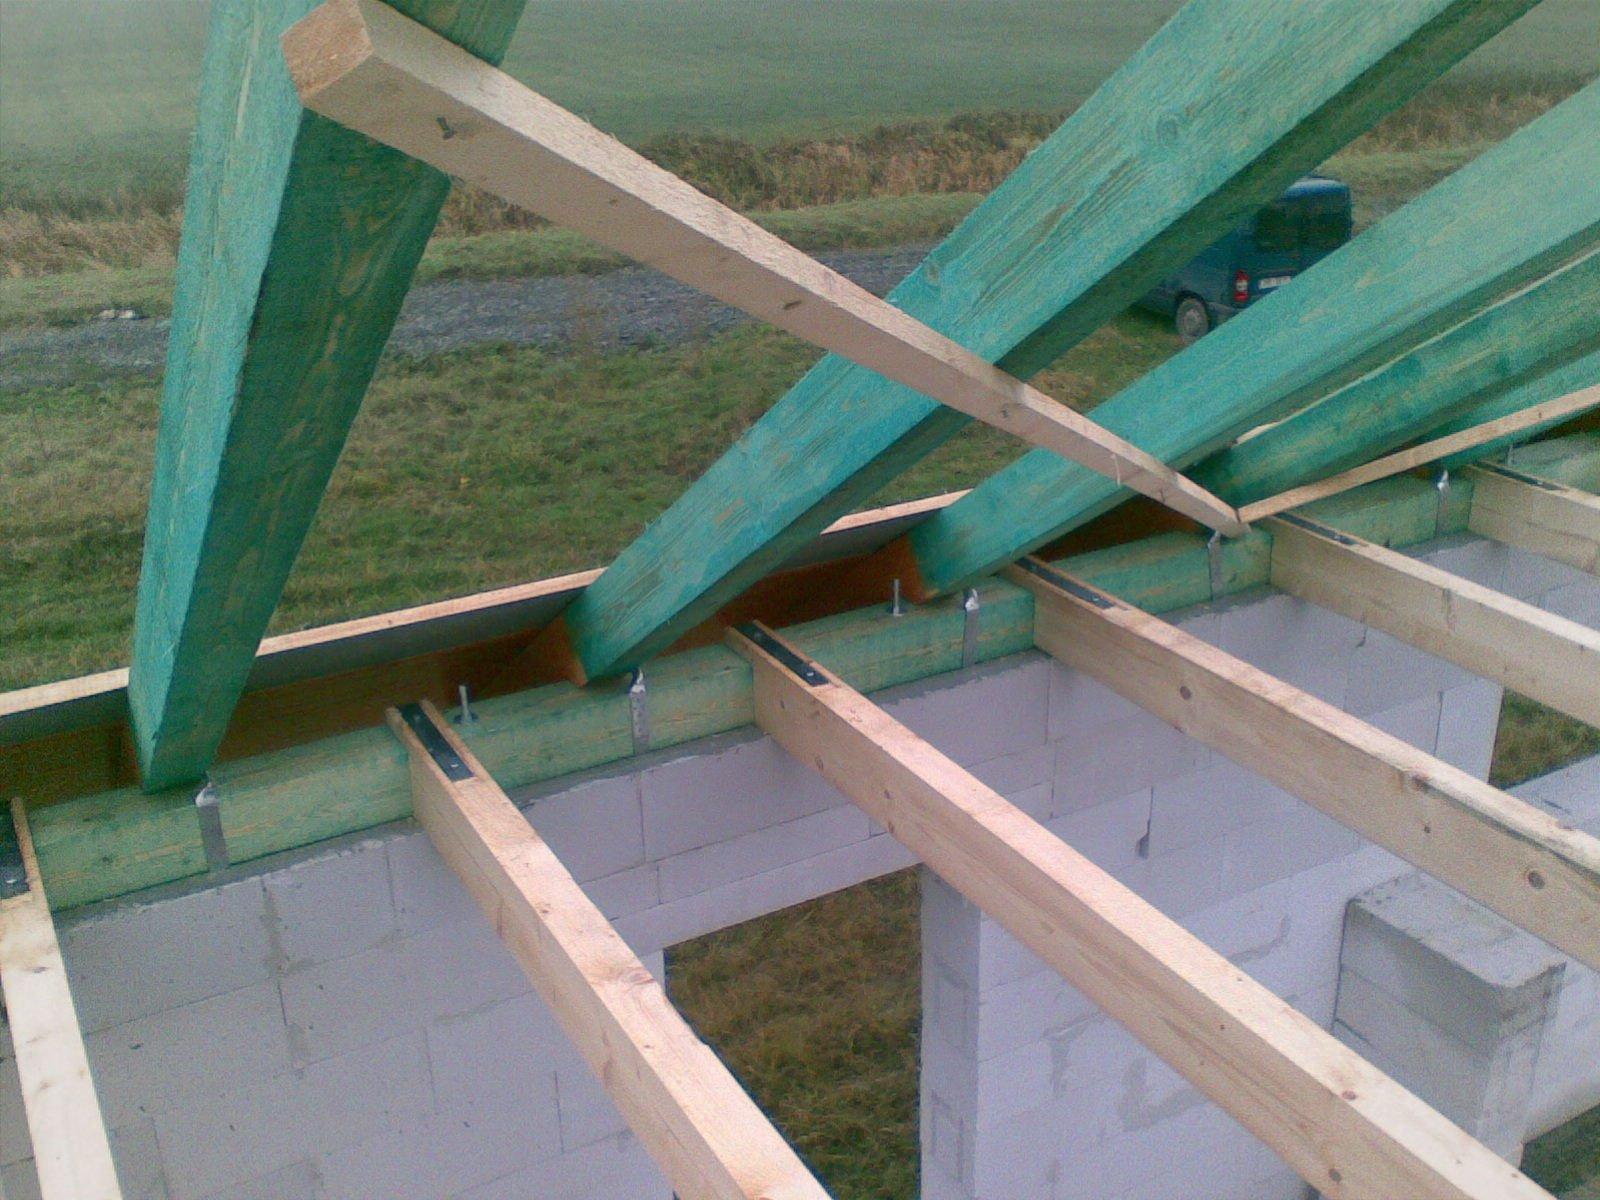 Cena krovu sedlová střecha